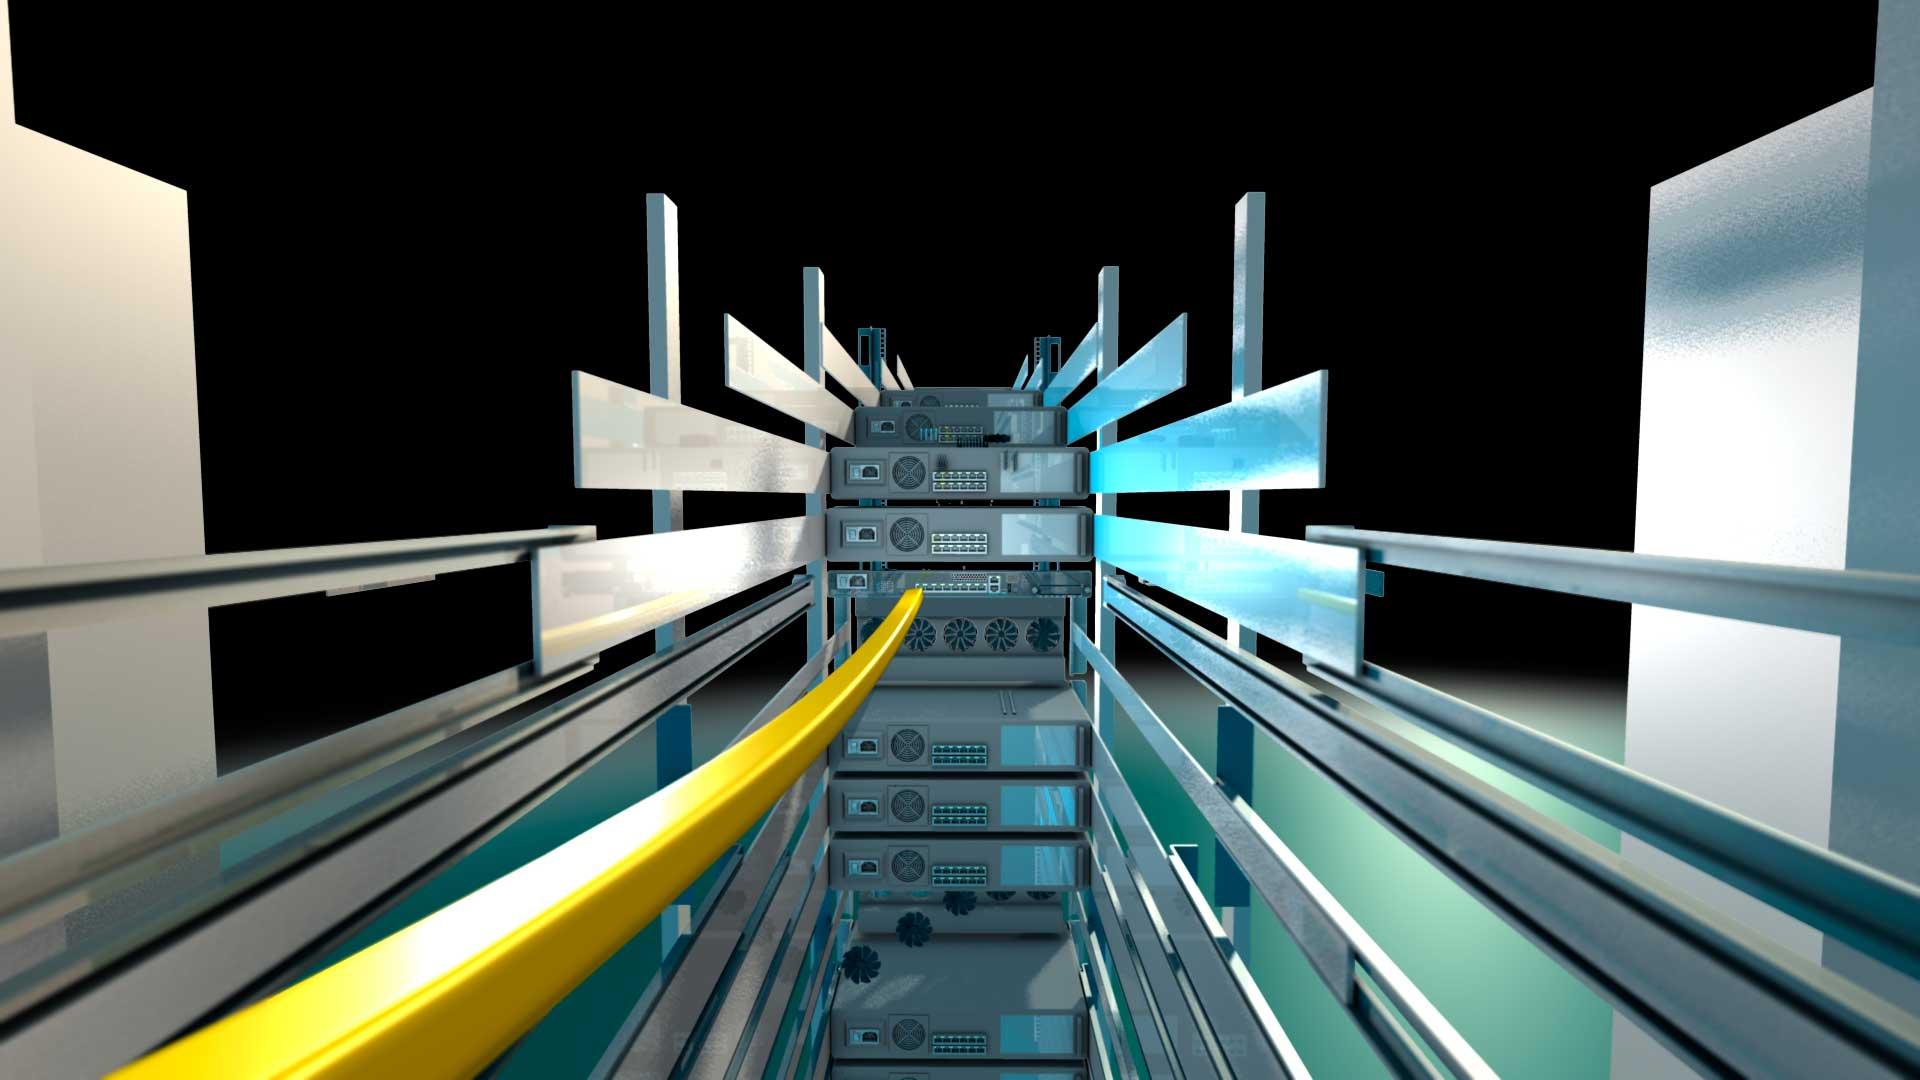 Cisco Rack Mount Overview Video